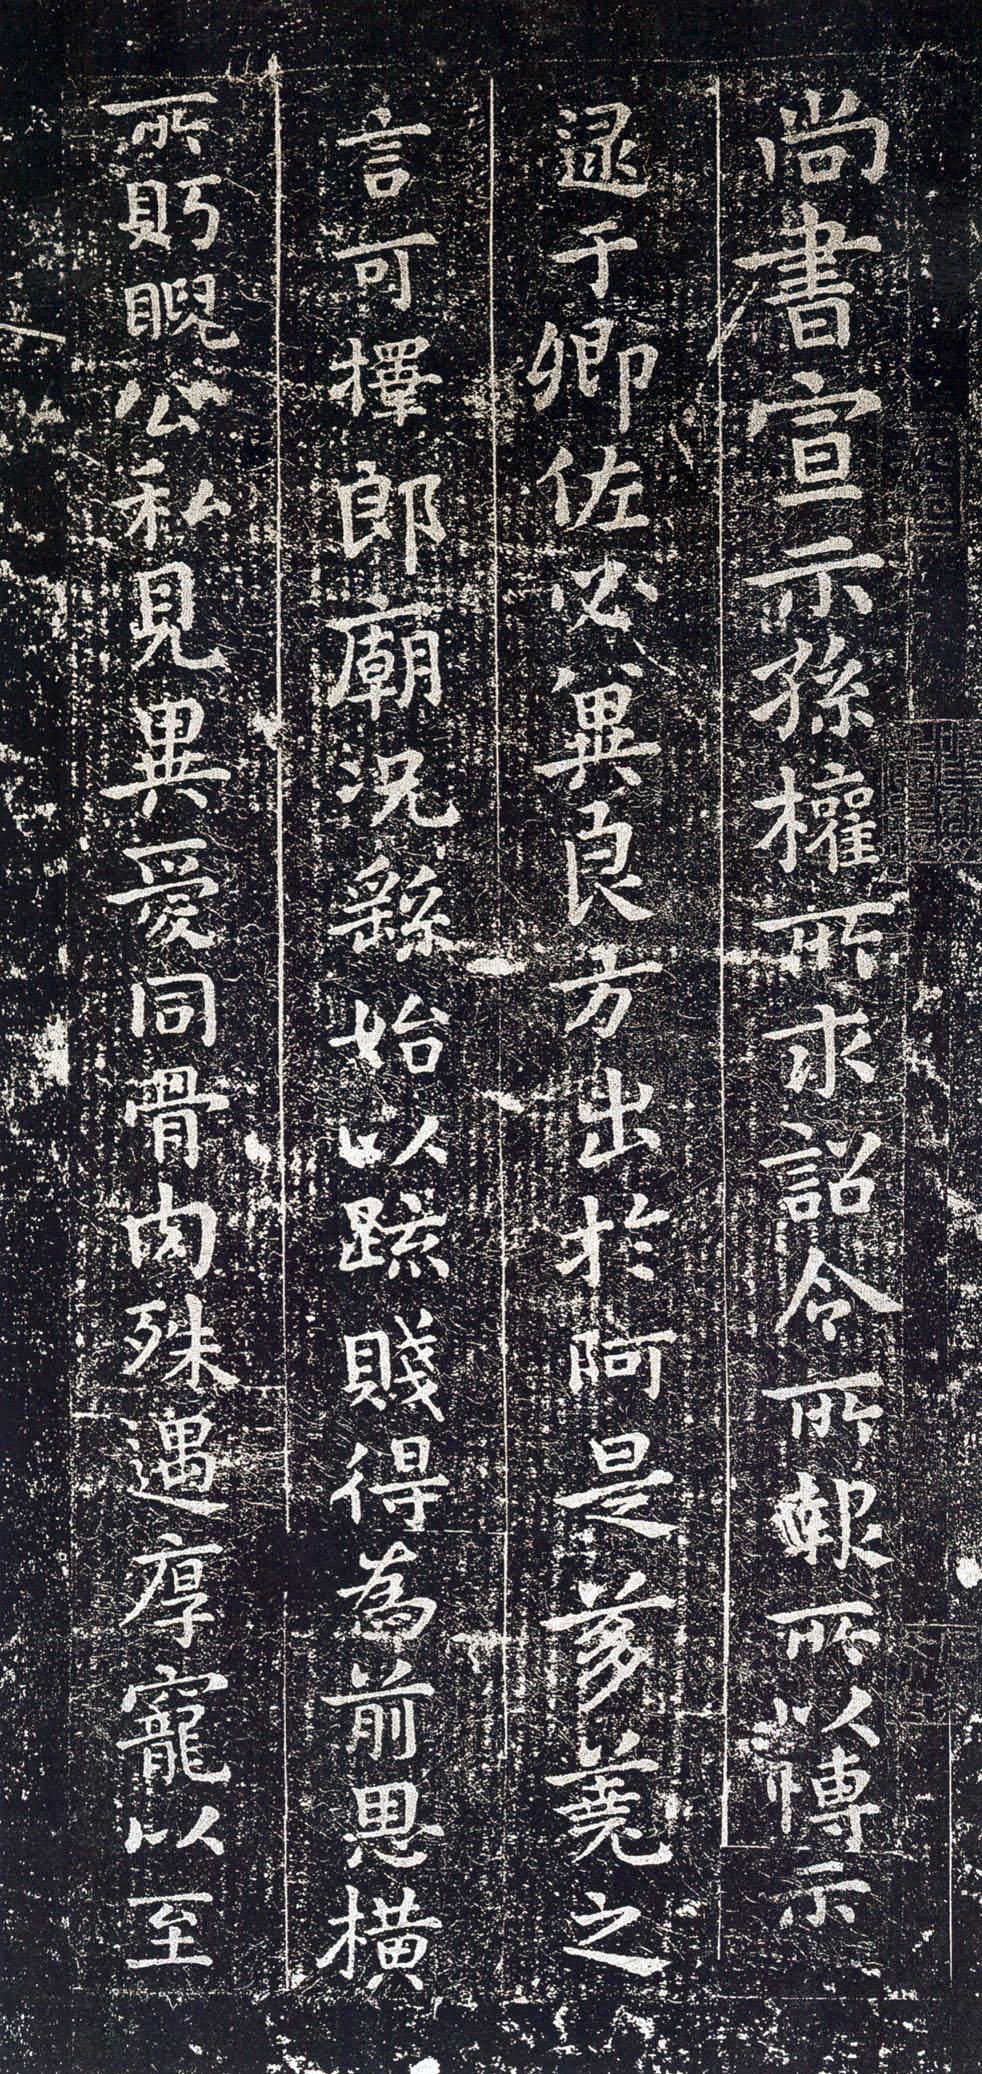 刘小晴《小楷技法指南》带图片的完整版之三 - 伴月轩主 - 伴月轩主